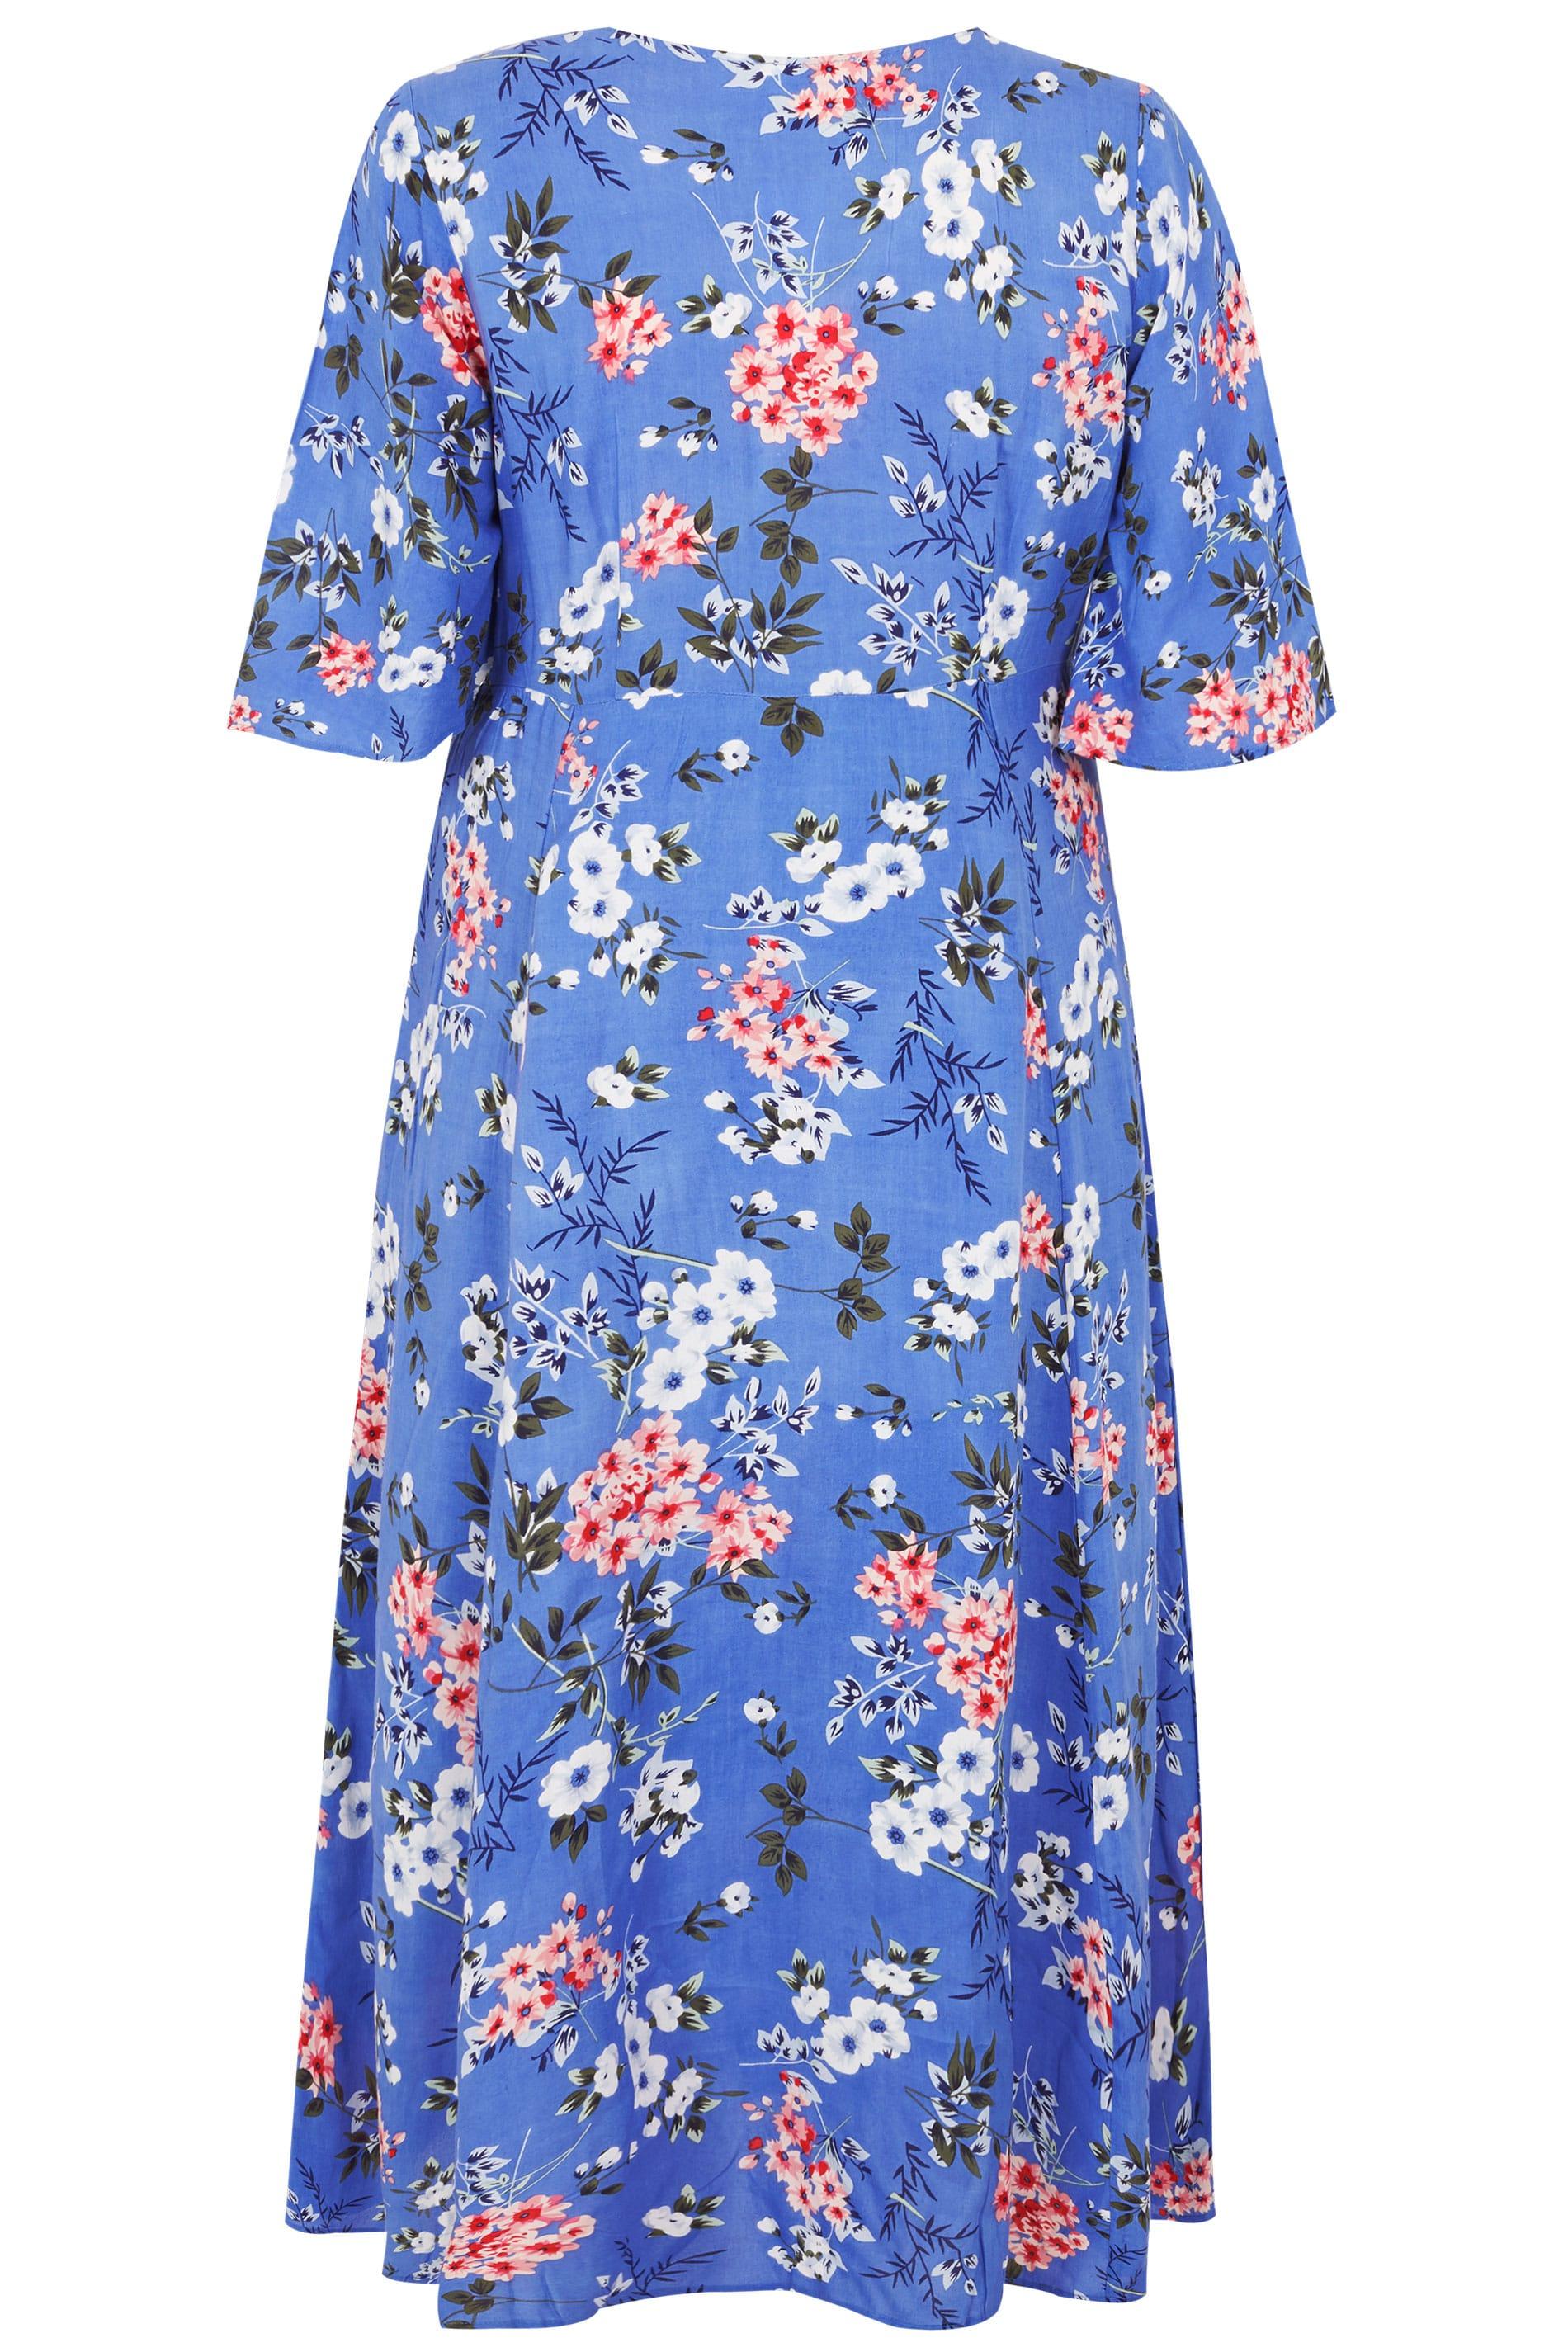 Blauwe maxi jurk met wijde mouwen & bloemenprint, grote maten 44 64